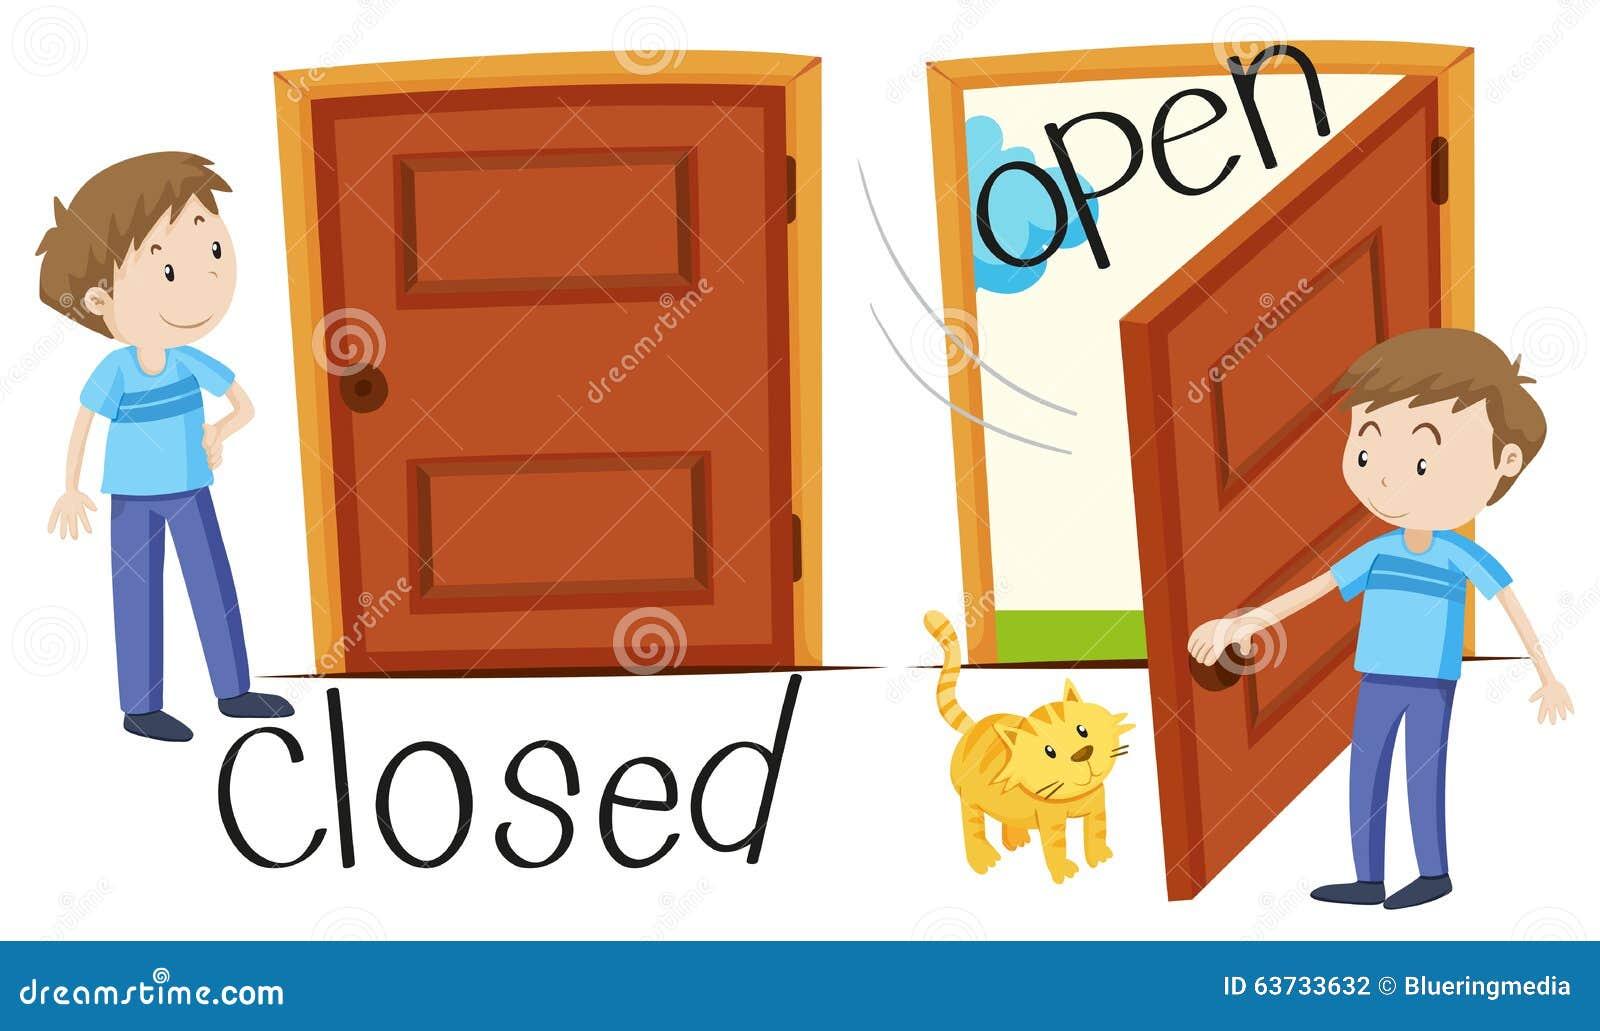 Hombre por la puerta cerrada y abierta ilustraci n del for Puerta en ingles